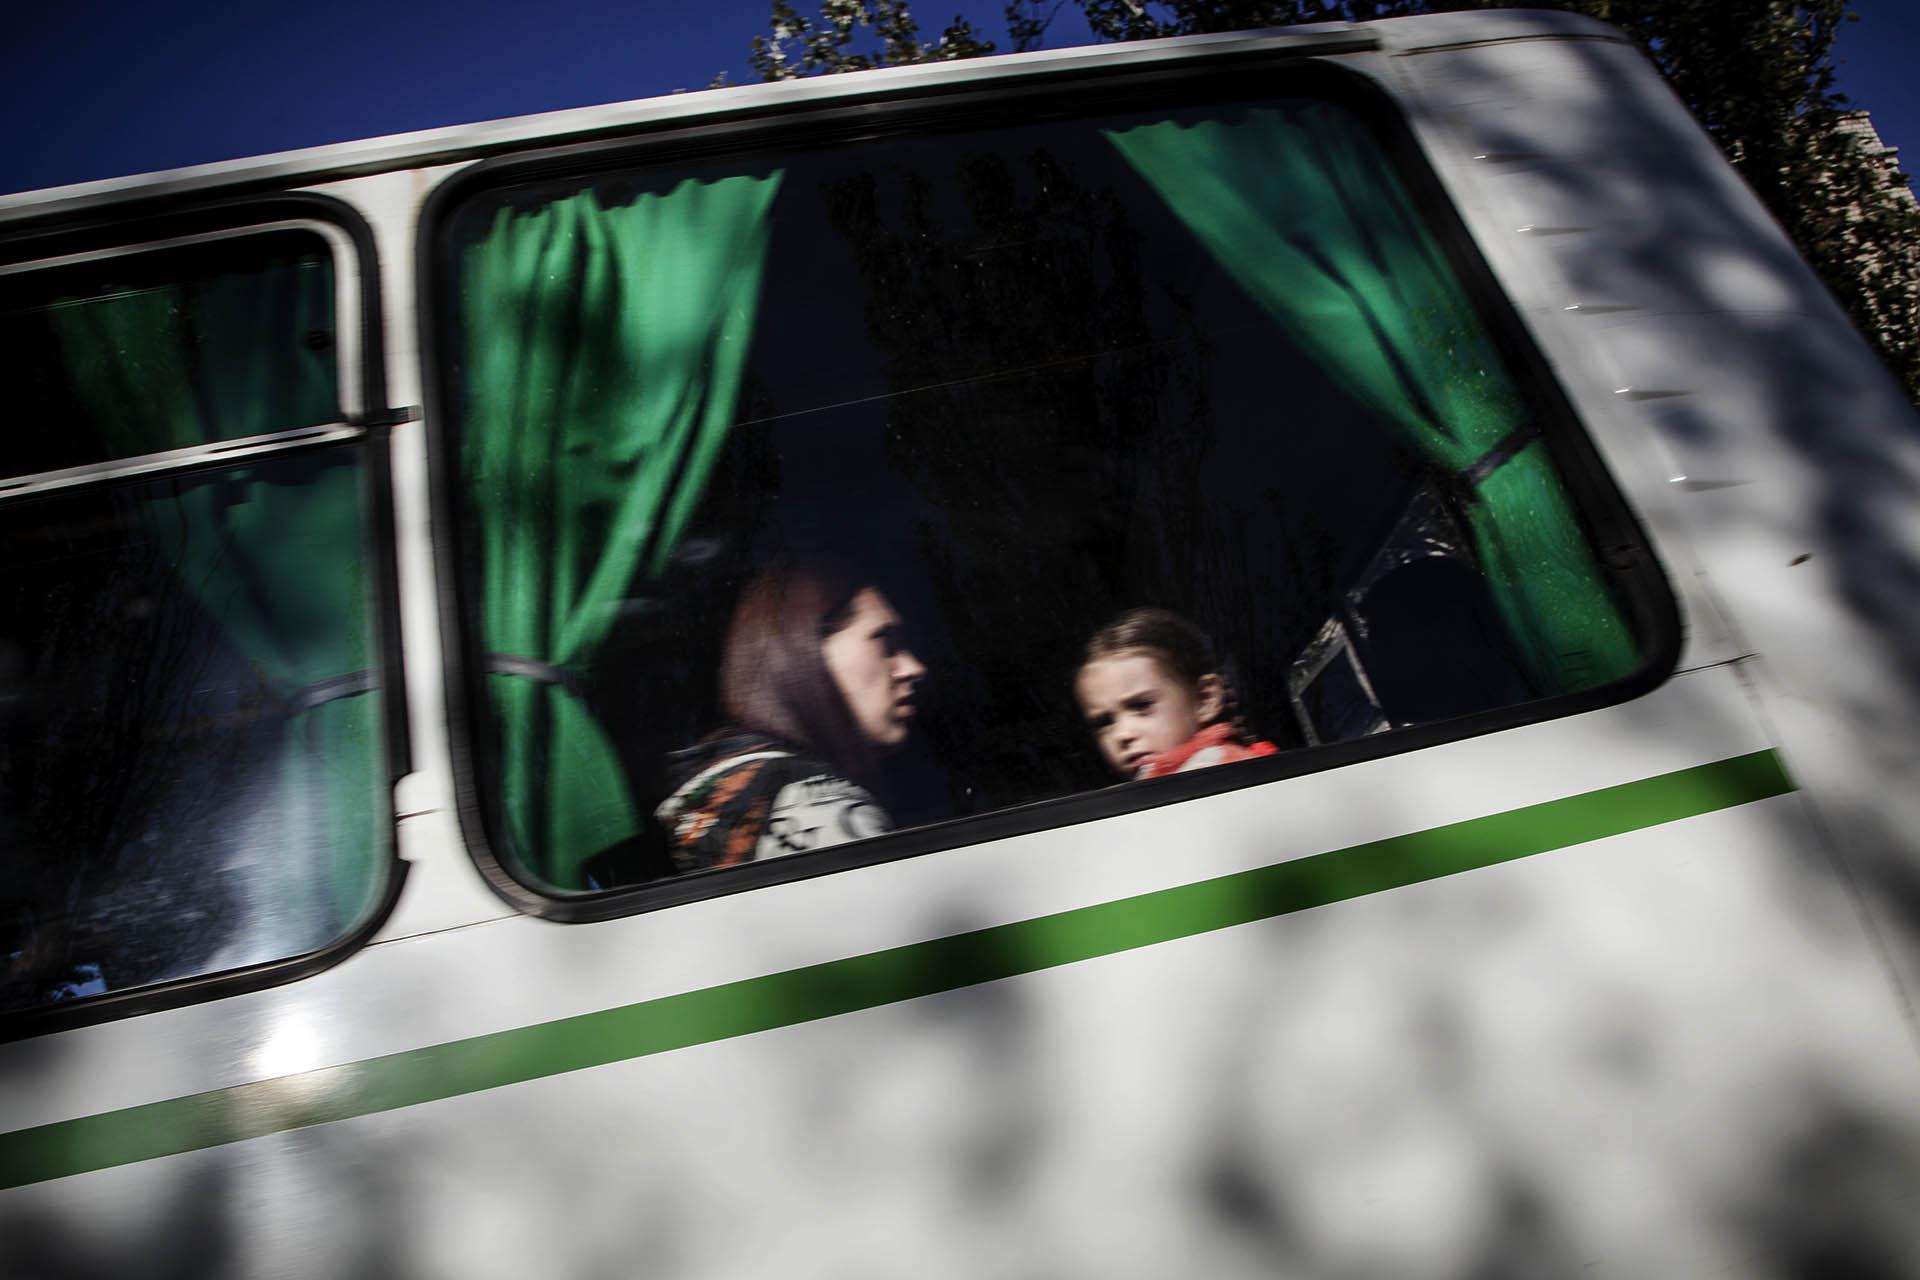 Se calcula que mas de un millón de personas han abandonado sus hogares desde el inicio del conflicto / (Donestk).